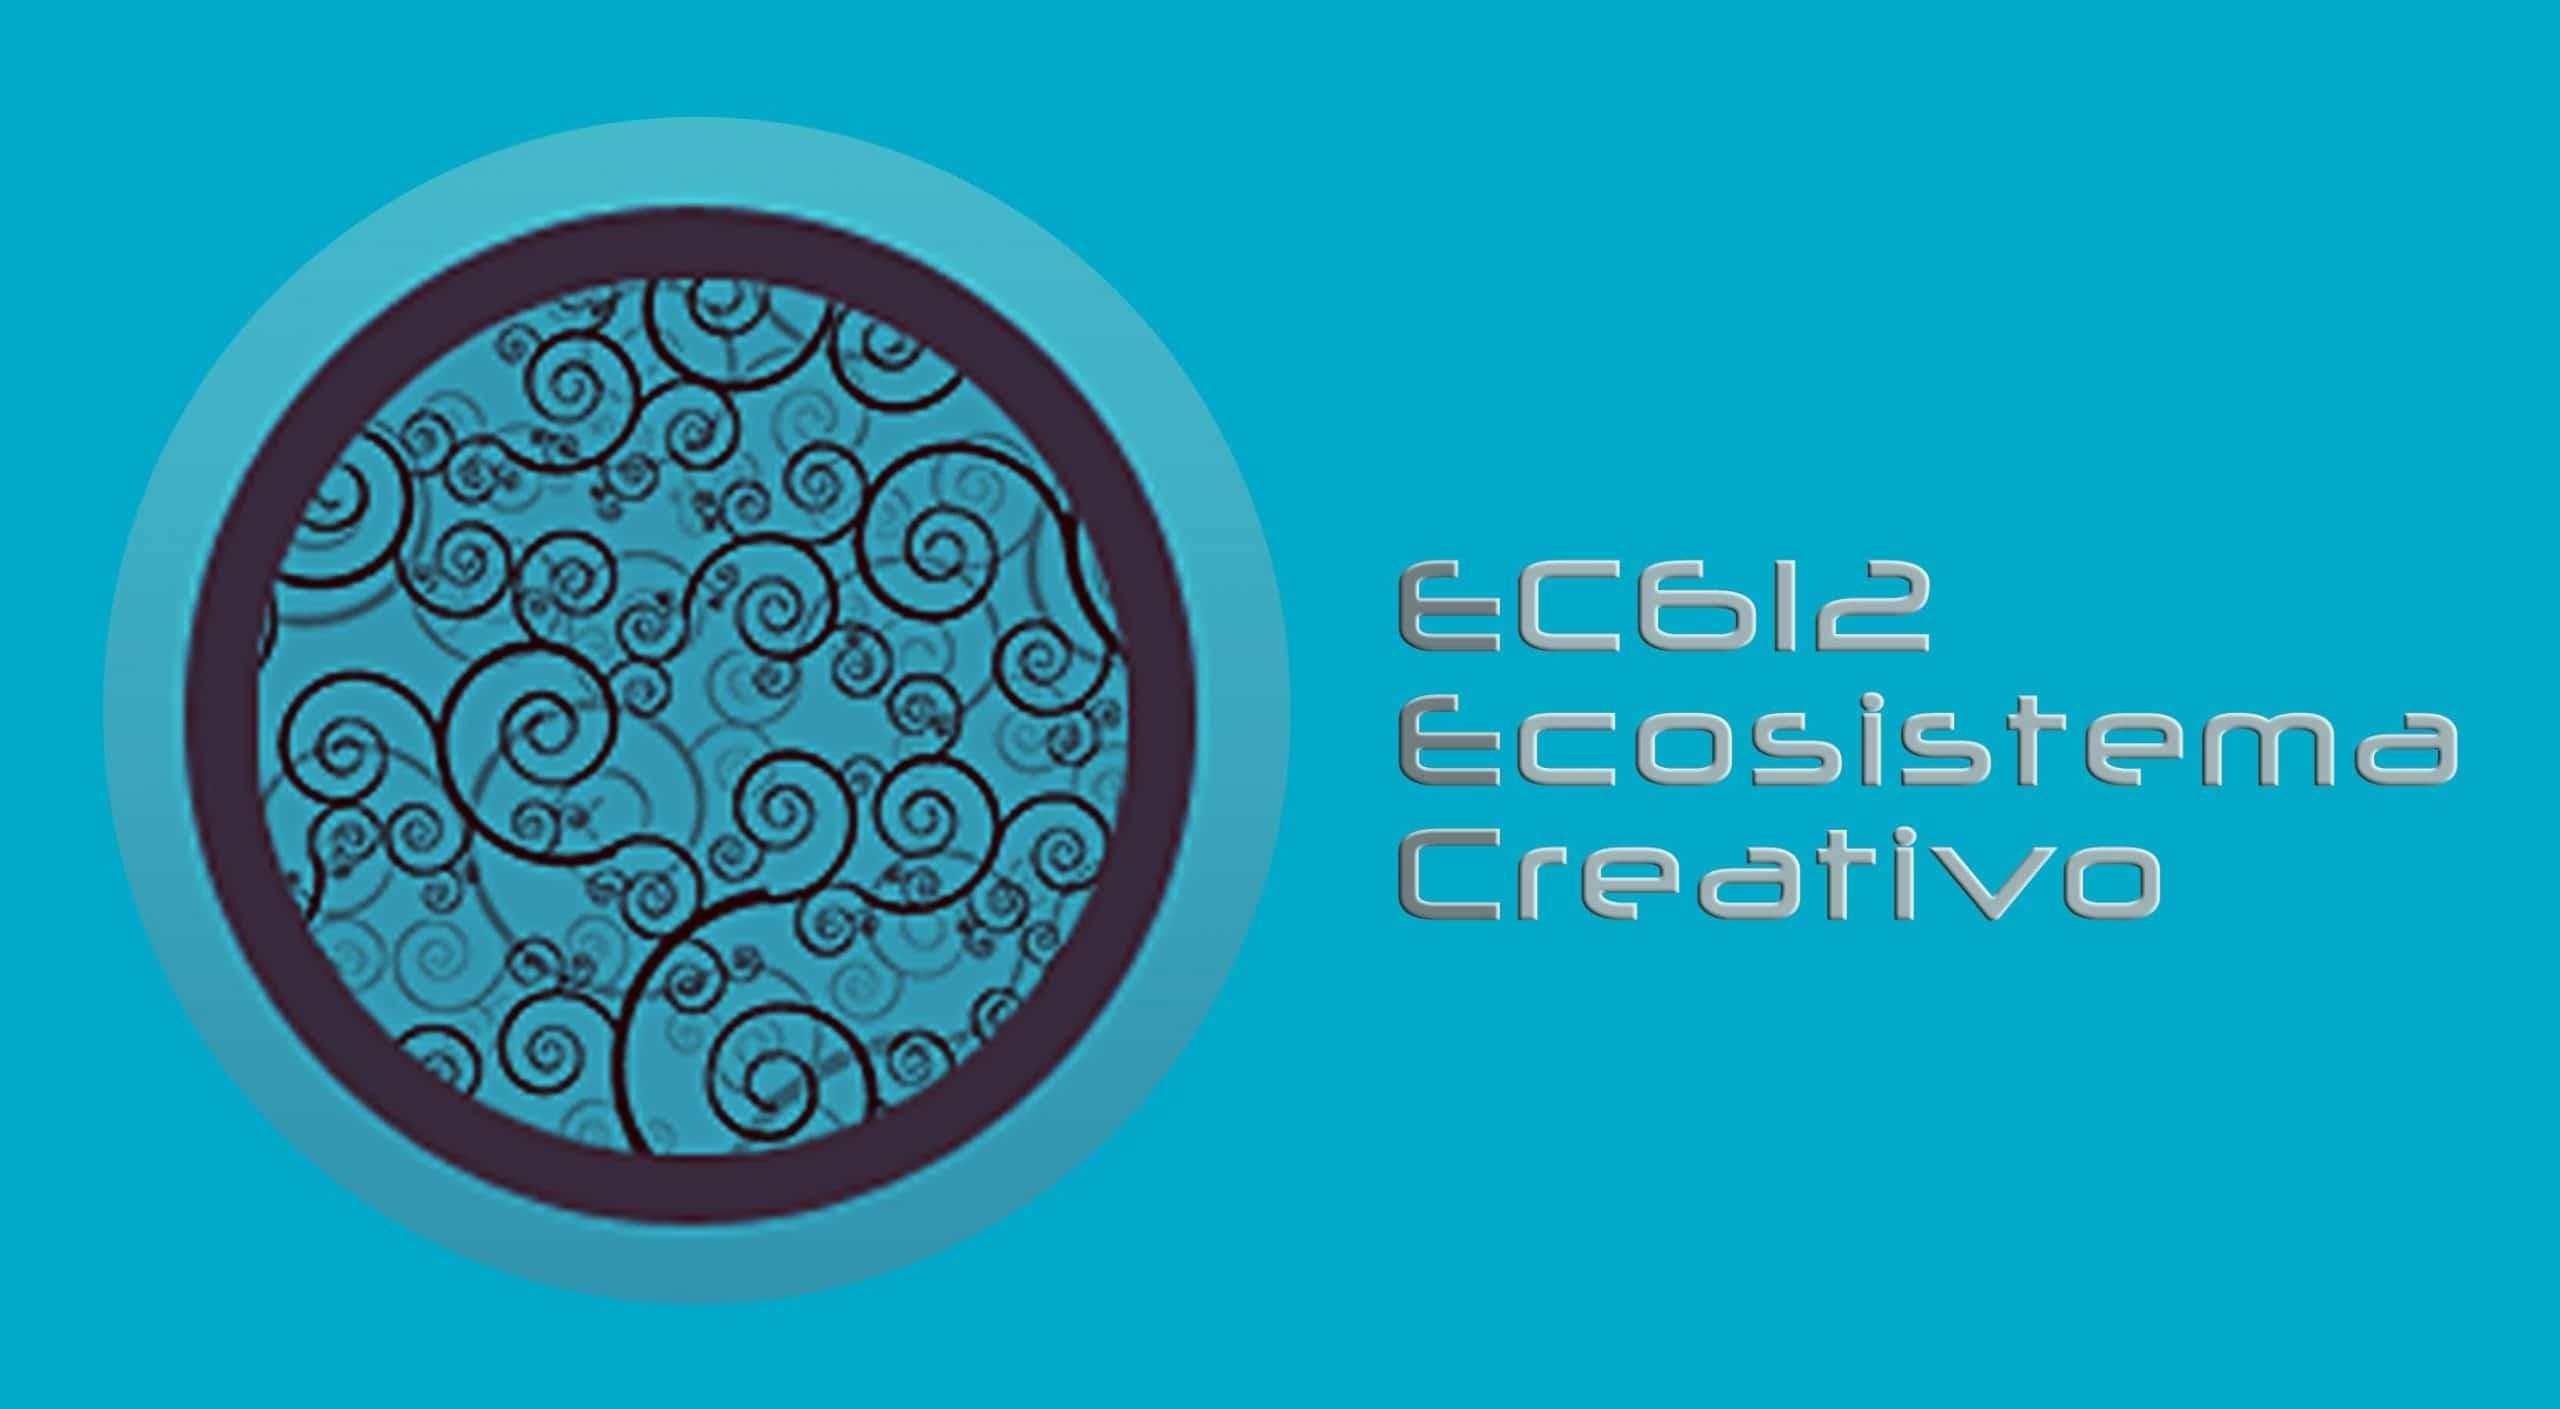 EC612 Ecosistema creativo